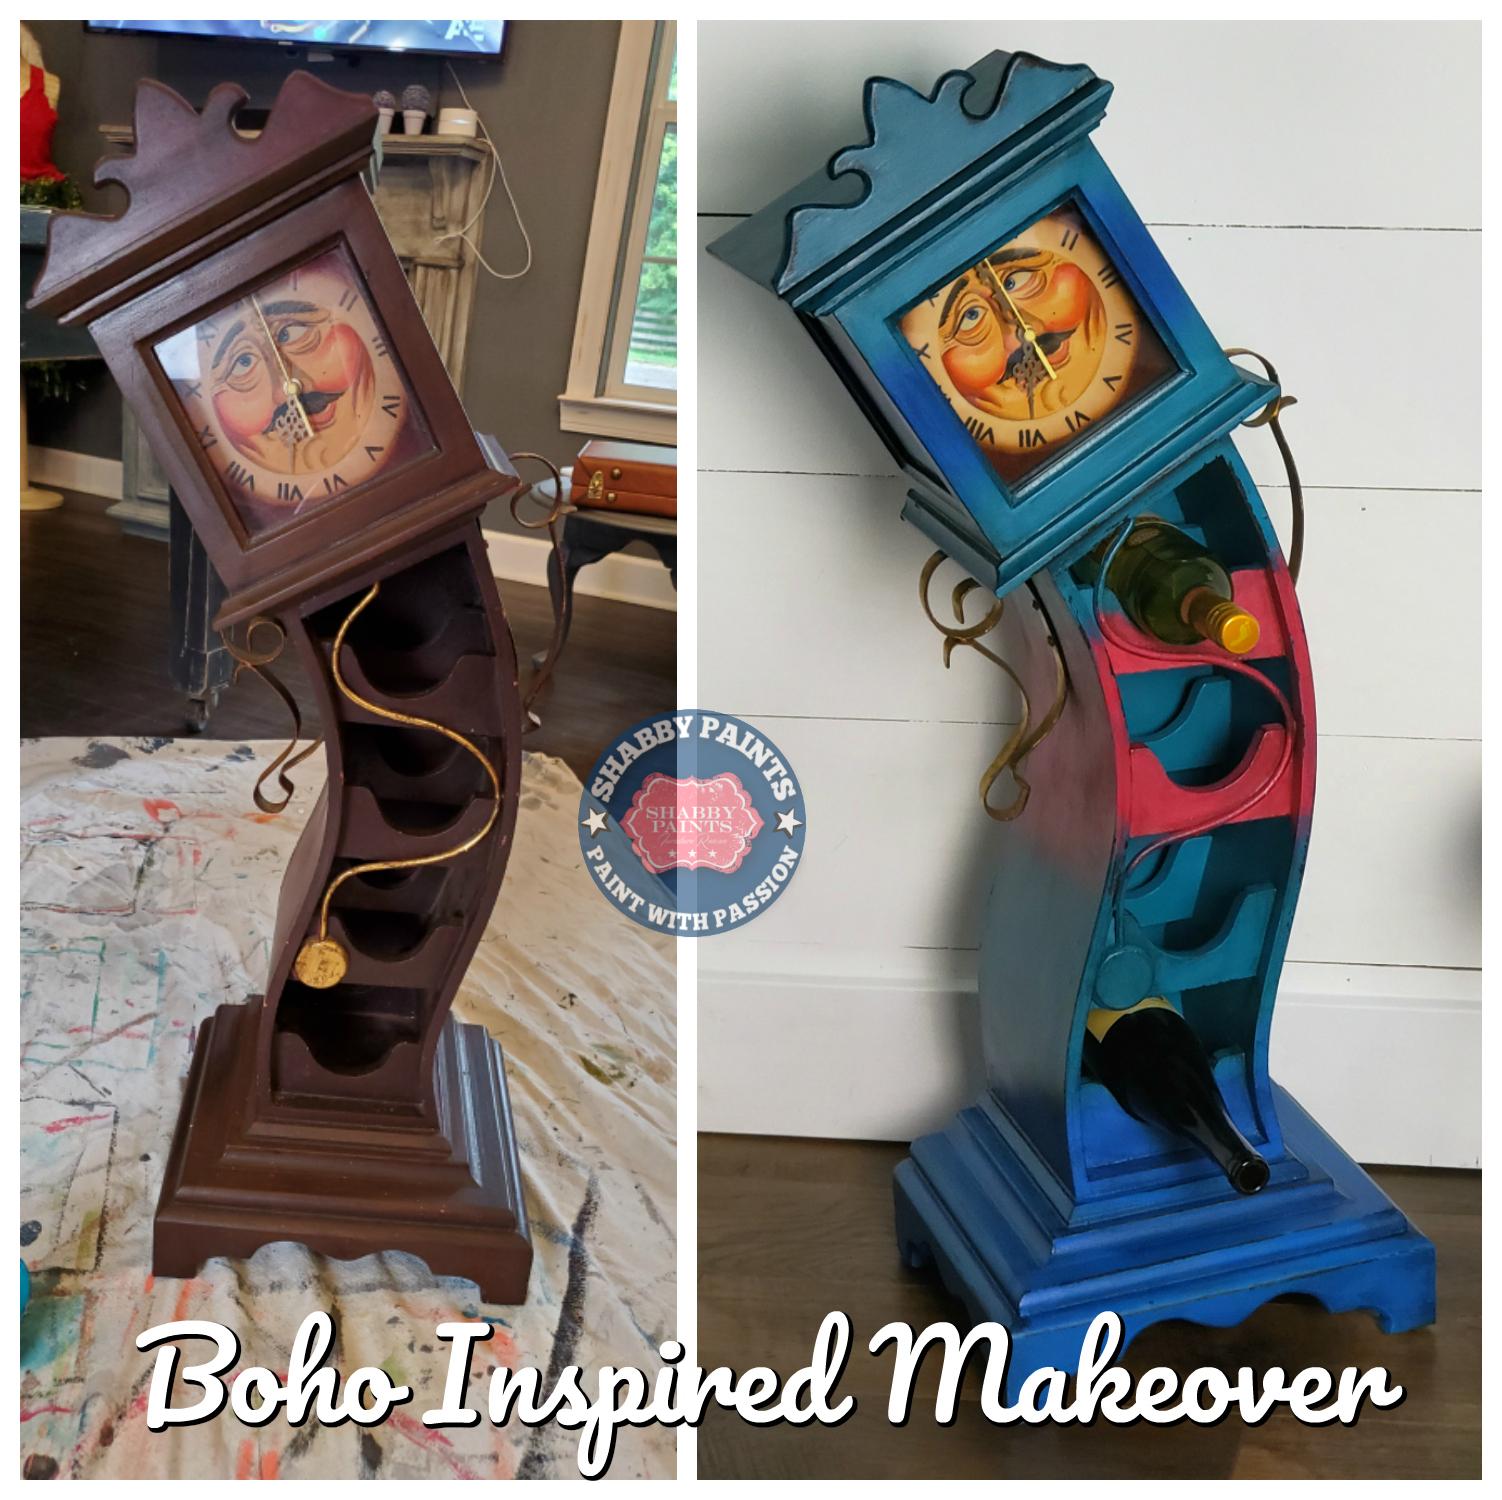 Boho Inspired Drunken Grandfather Clock